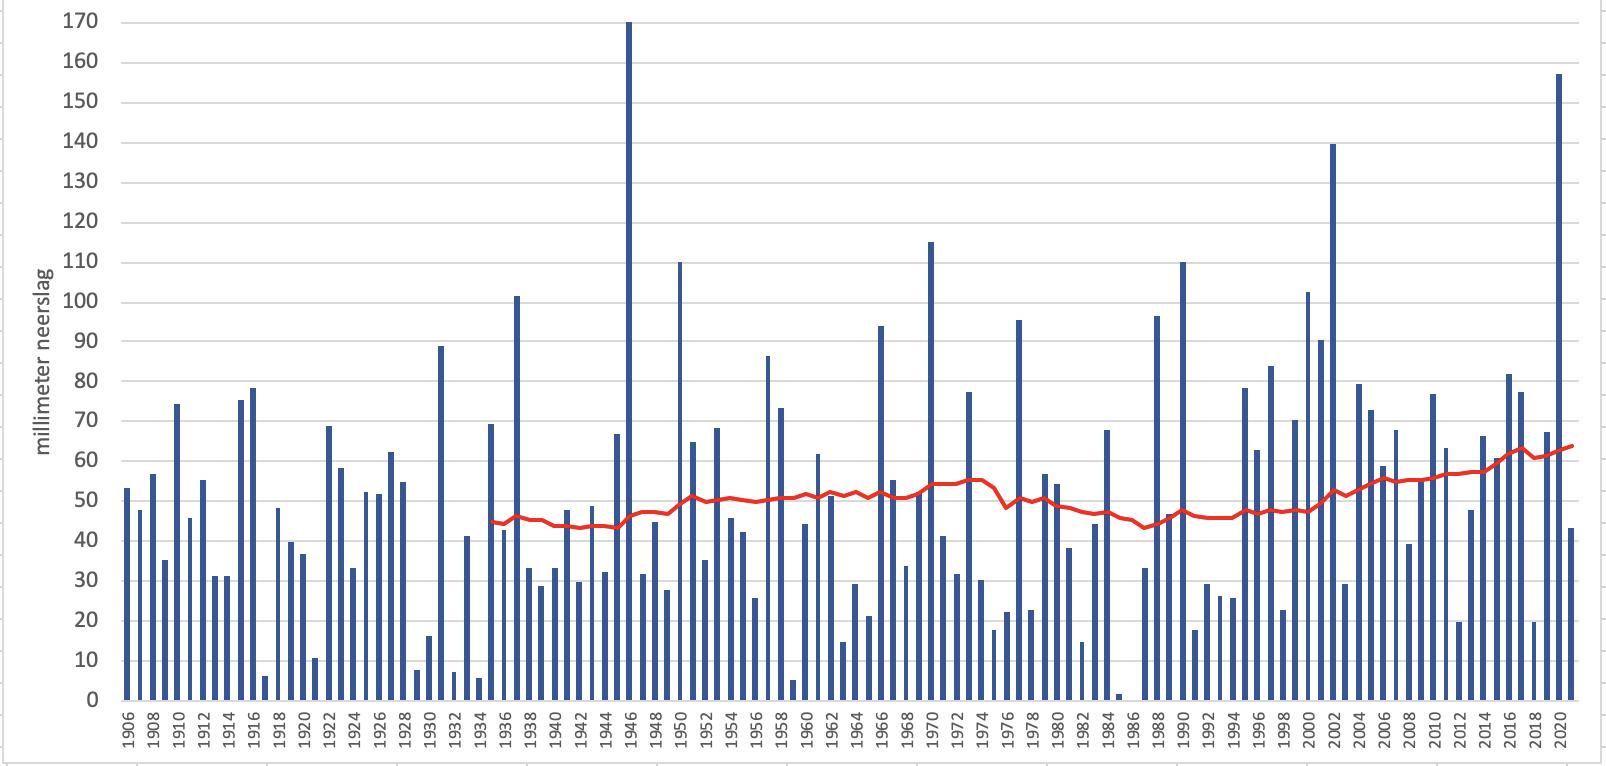 Verloop van de neerslag in de Bilt over de meetreeks vanaf 1906. Het 30jarig gemiddelde is met een rode lijn weergegeven.